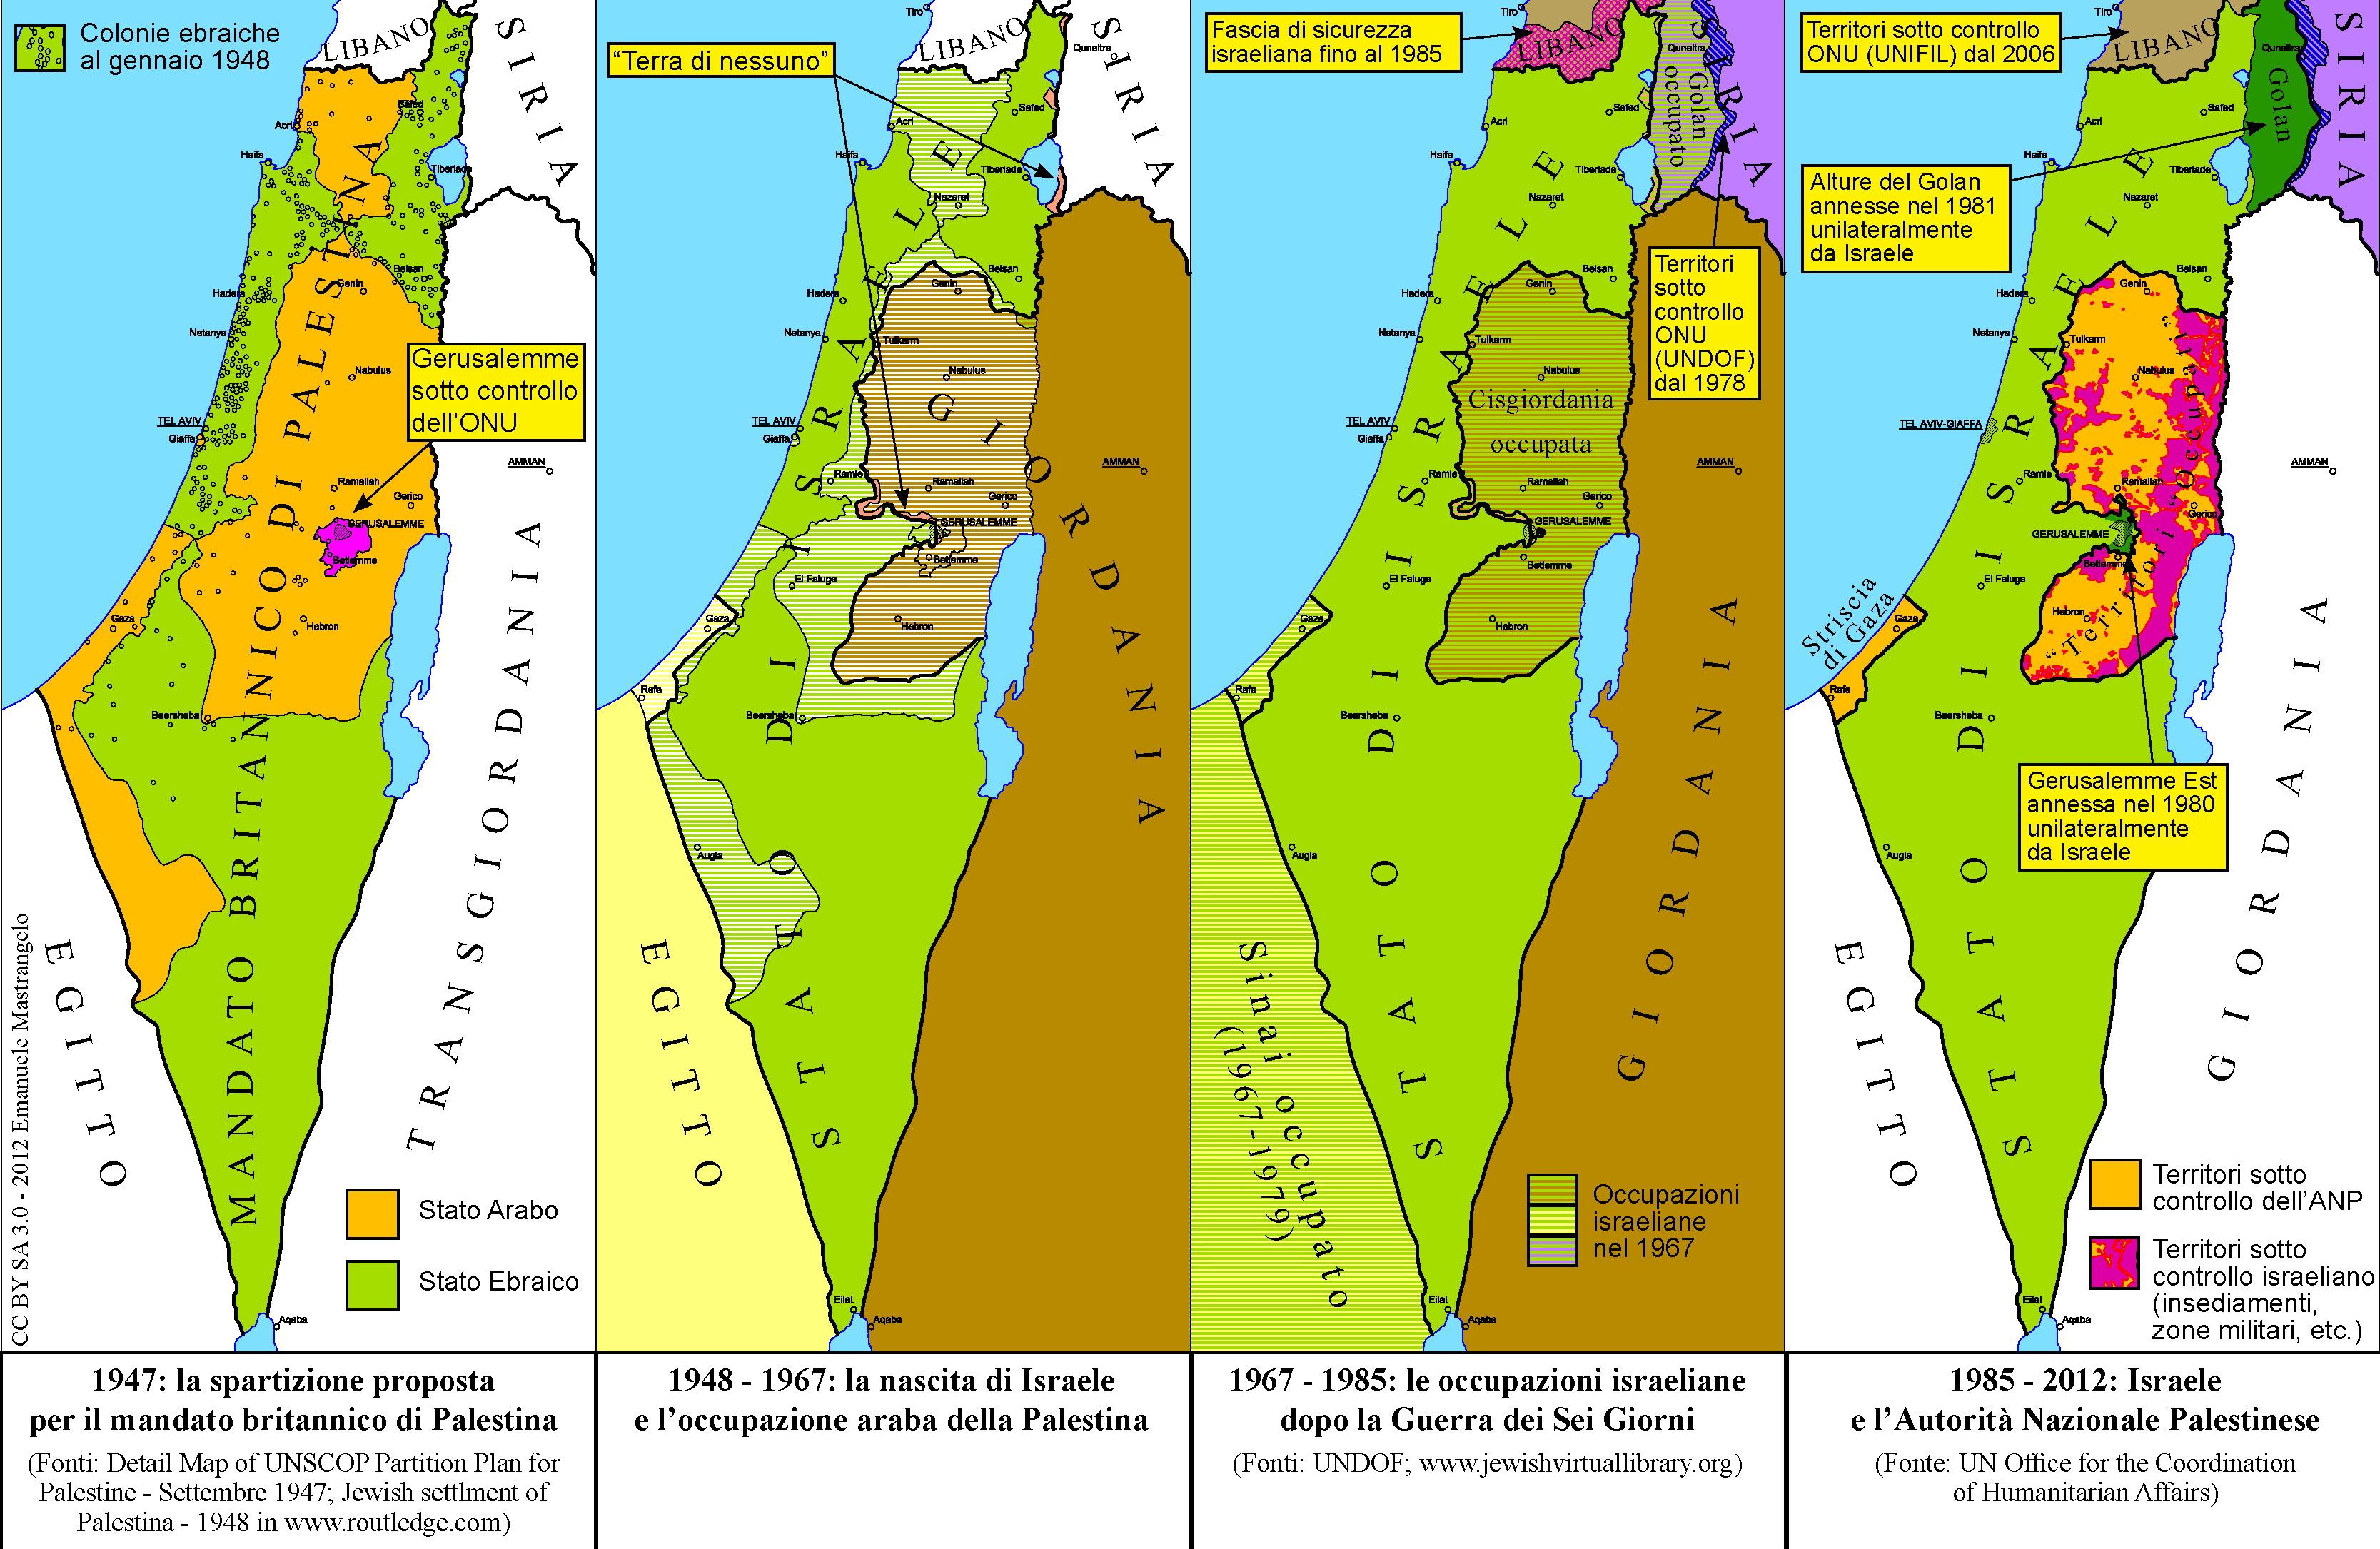 Israele Palestina Cartina.Intervista All Unione Democratica Arabo Palestinese La Riscossa